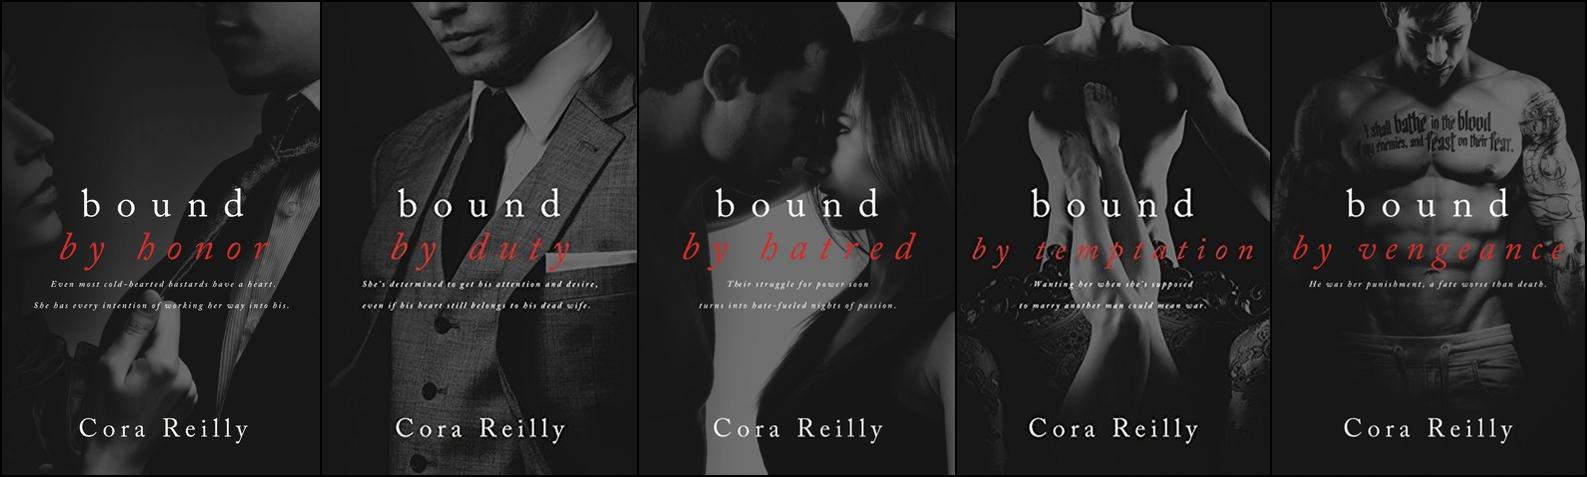 Cora Reilly: A ordem correta de leitura! [+18]